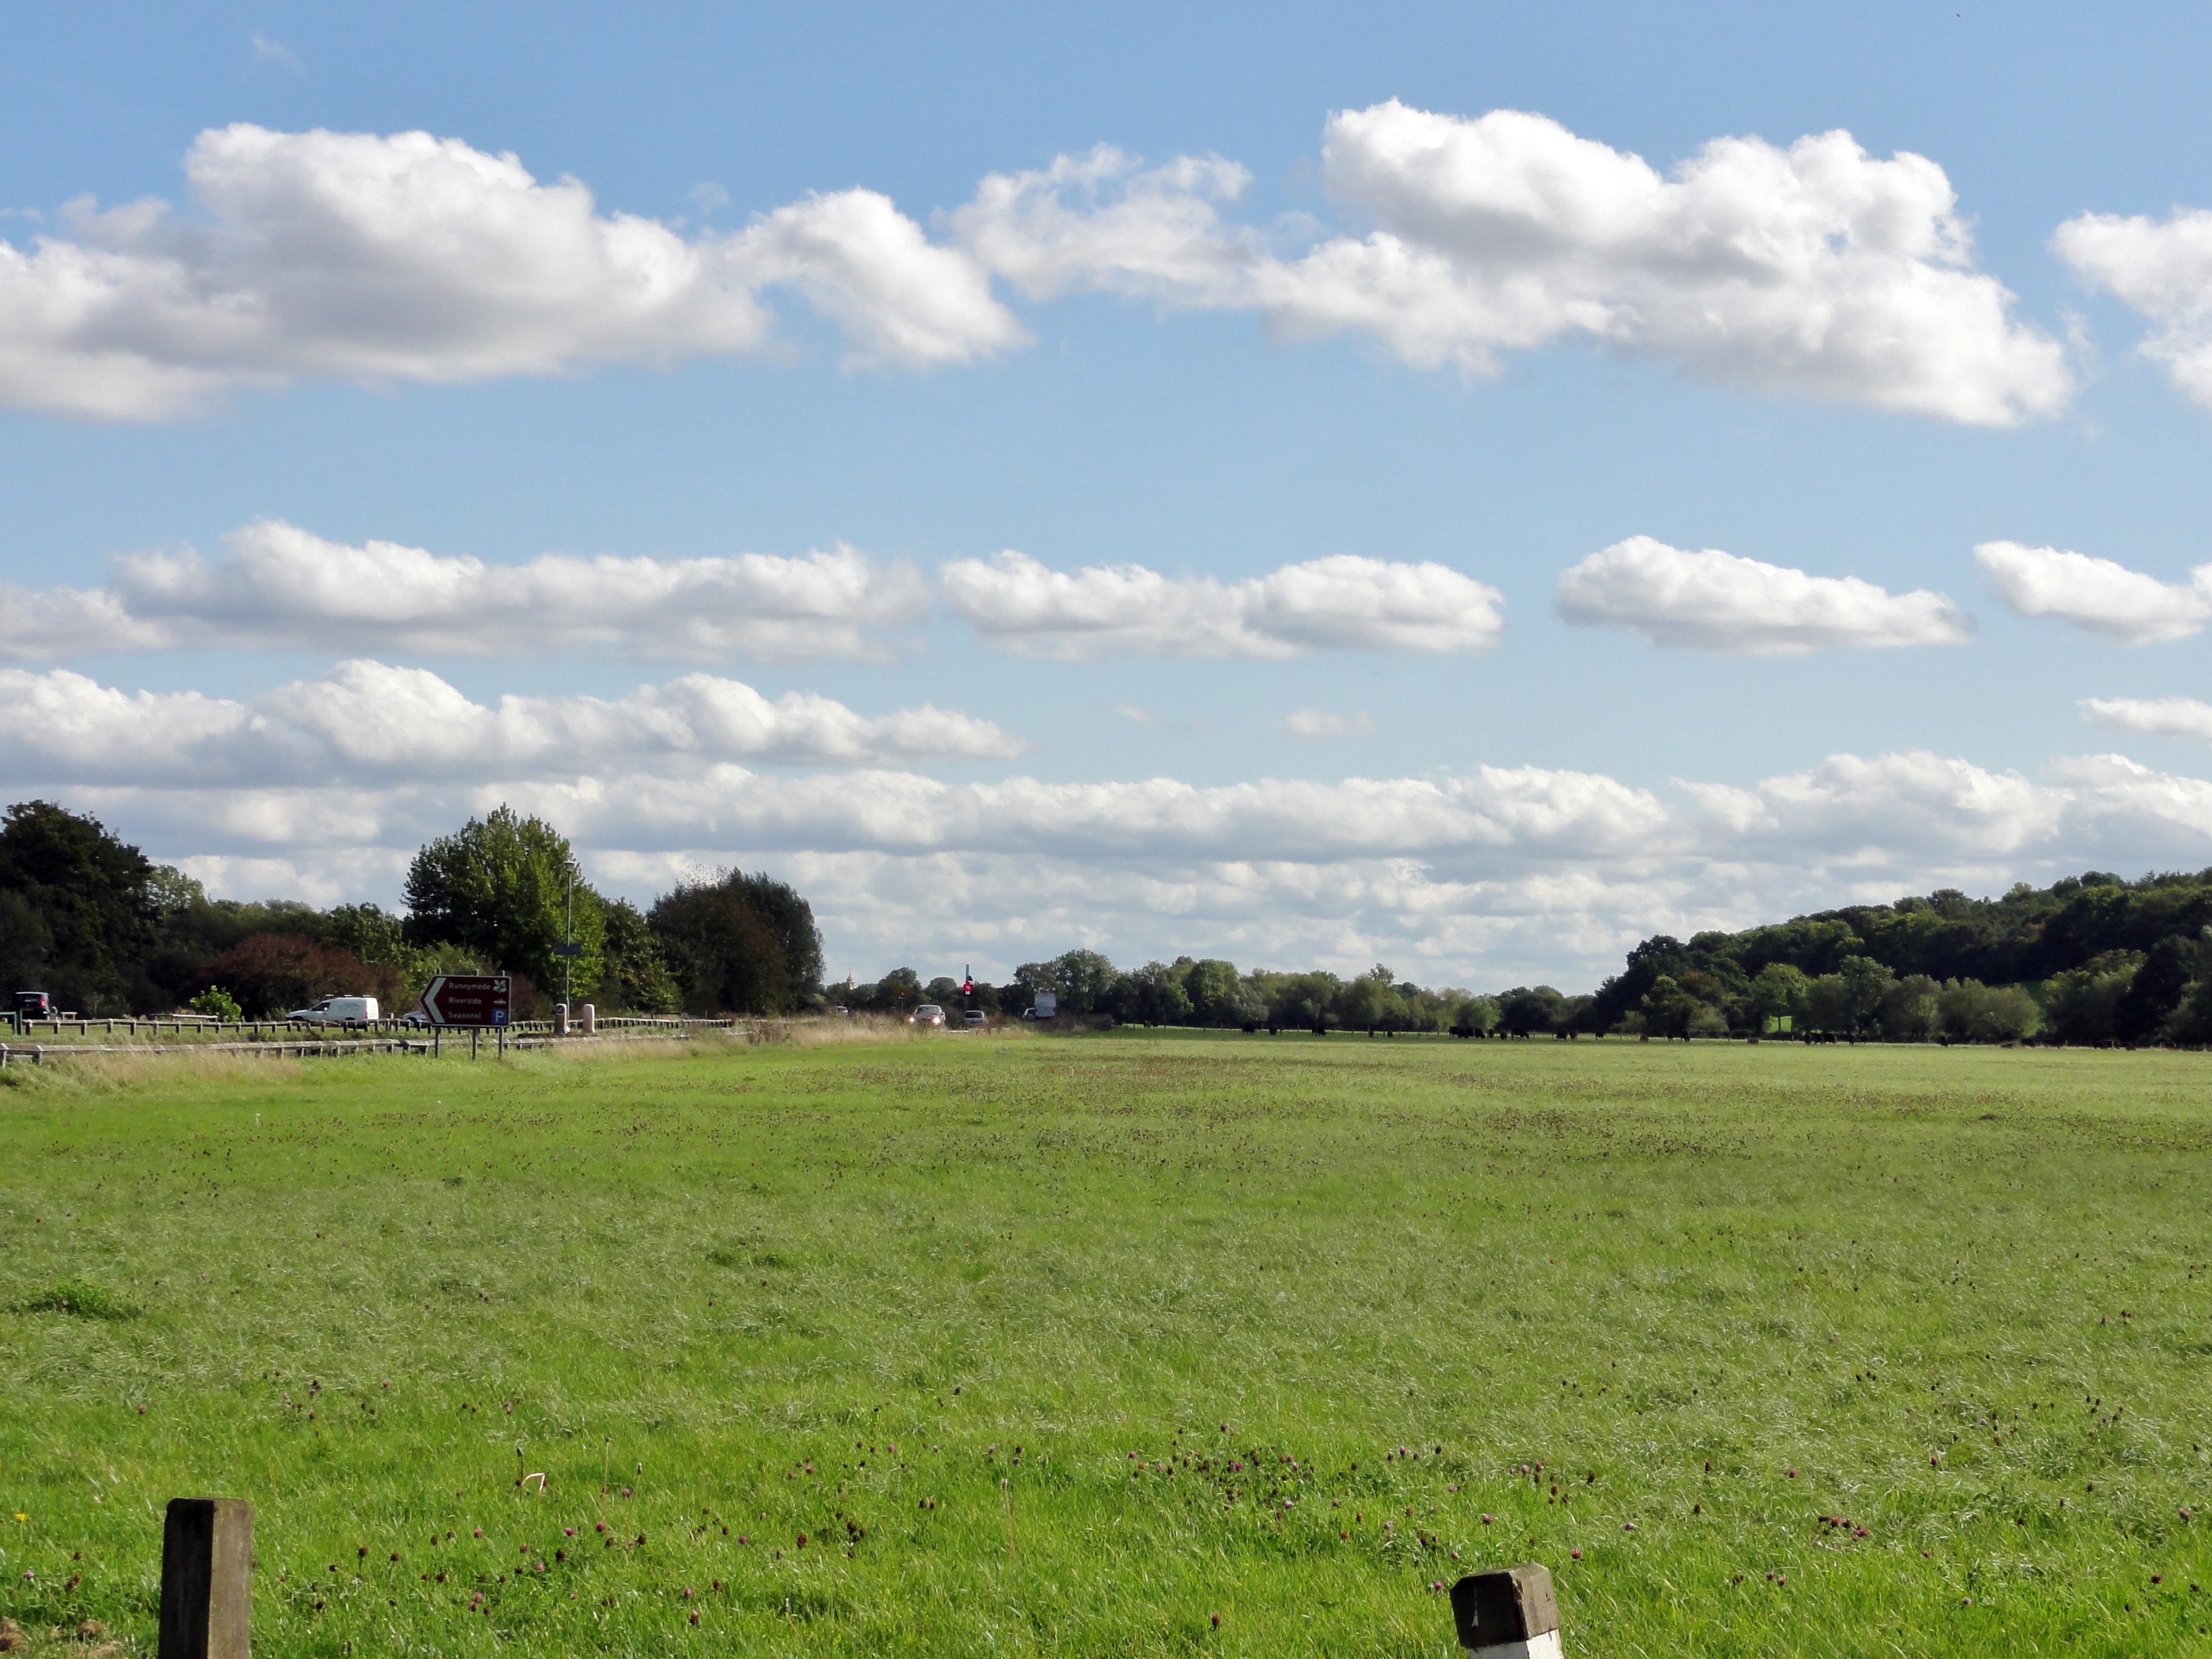 Runnymede Meadows: En esta pradera fue donde se firmó en 1215 la Carta Magna. Por eso al principio se llamó Carta de Runnymede.